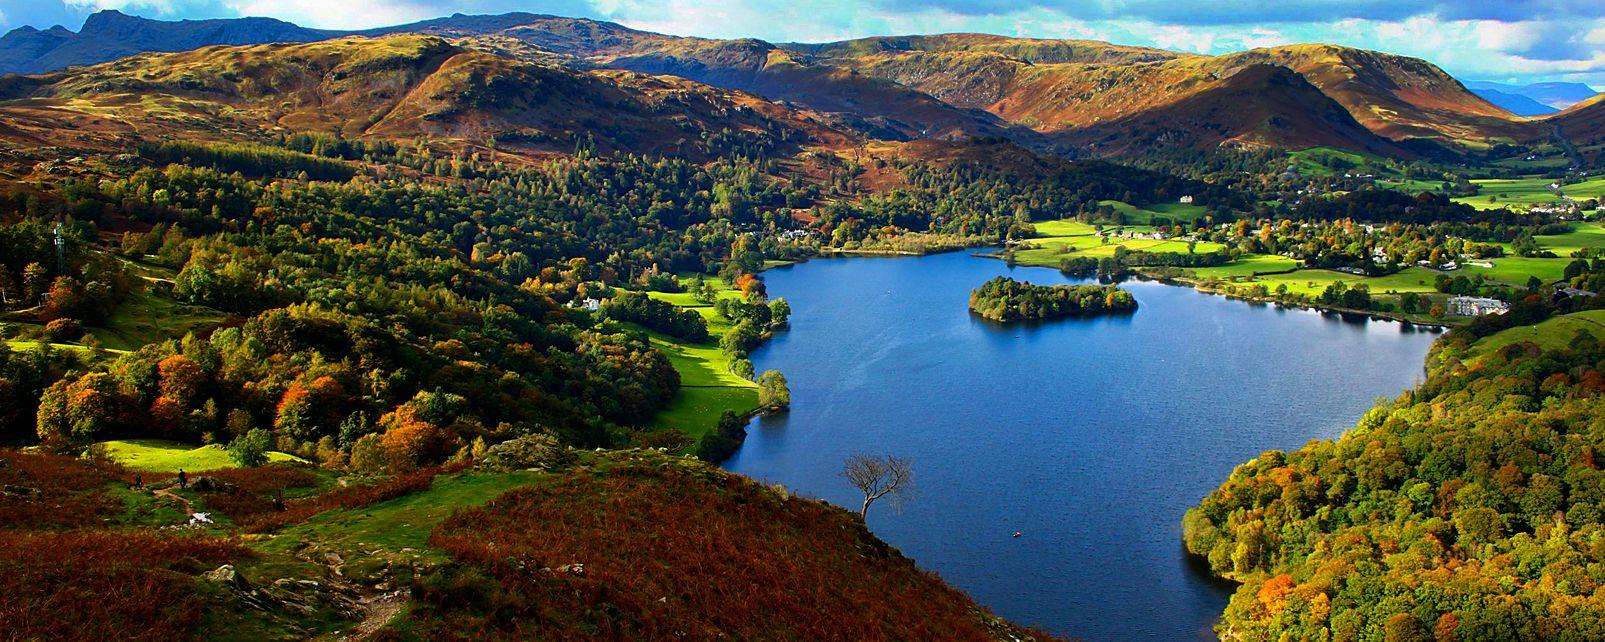 Hành trình du lịch Anh - Scotland 10N9Đ - Lake District